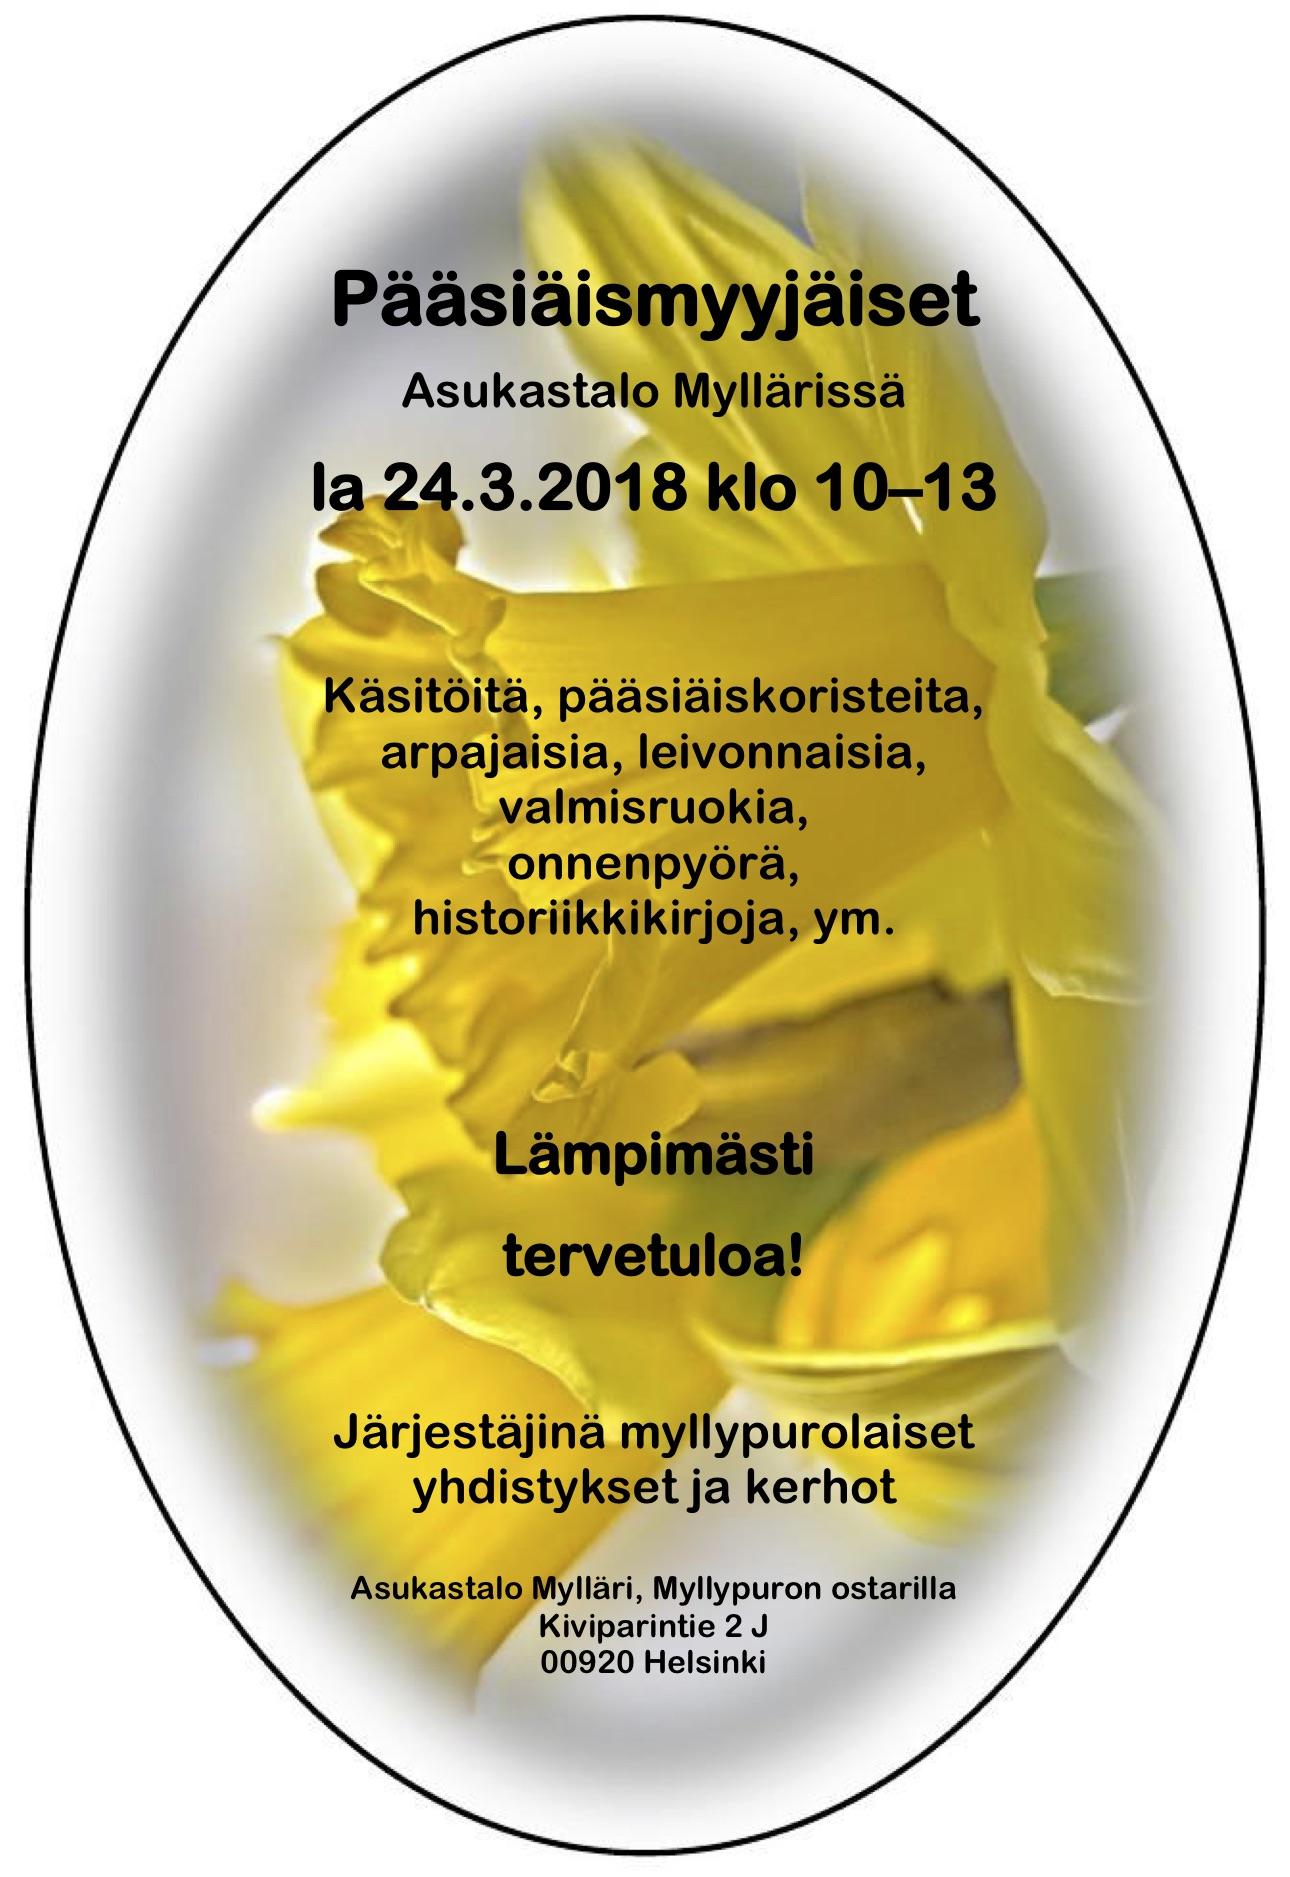 Pääsiäismyyjäiset mainos 2018